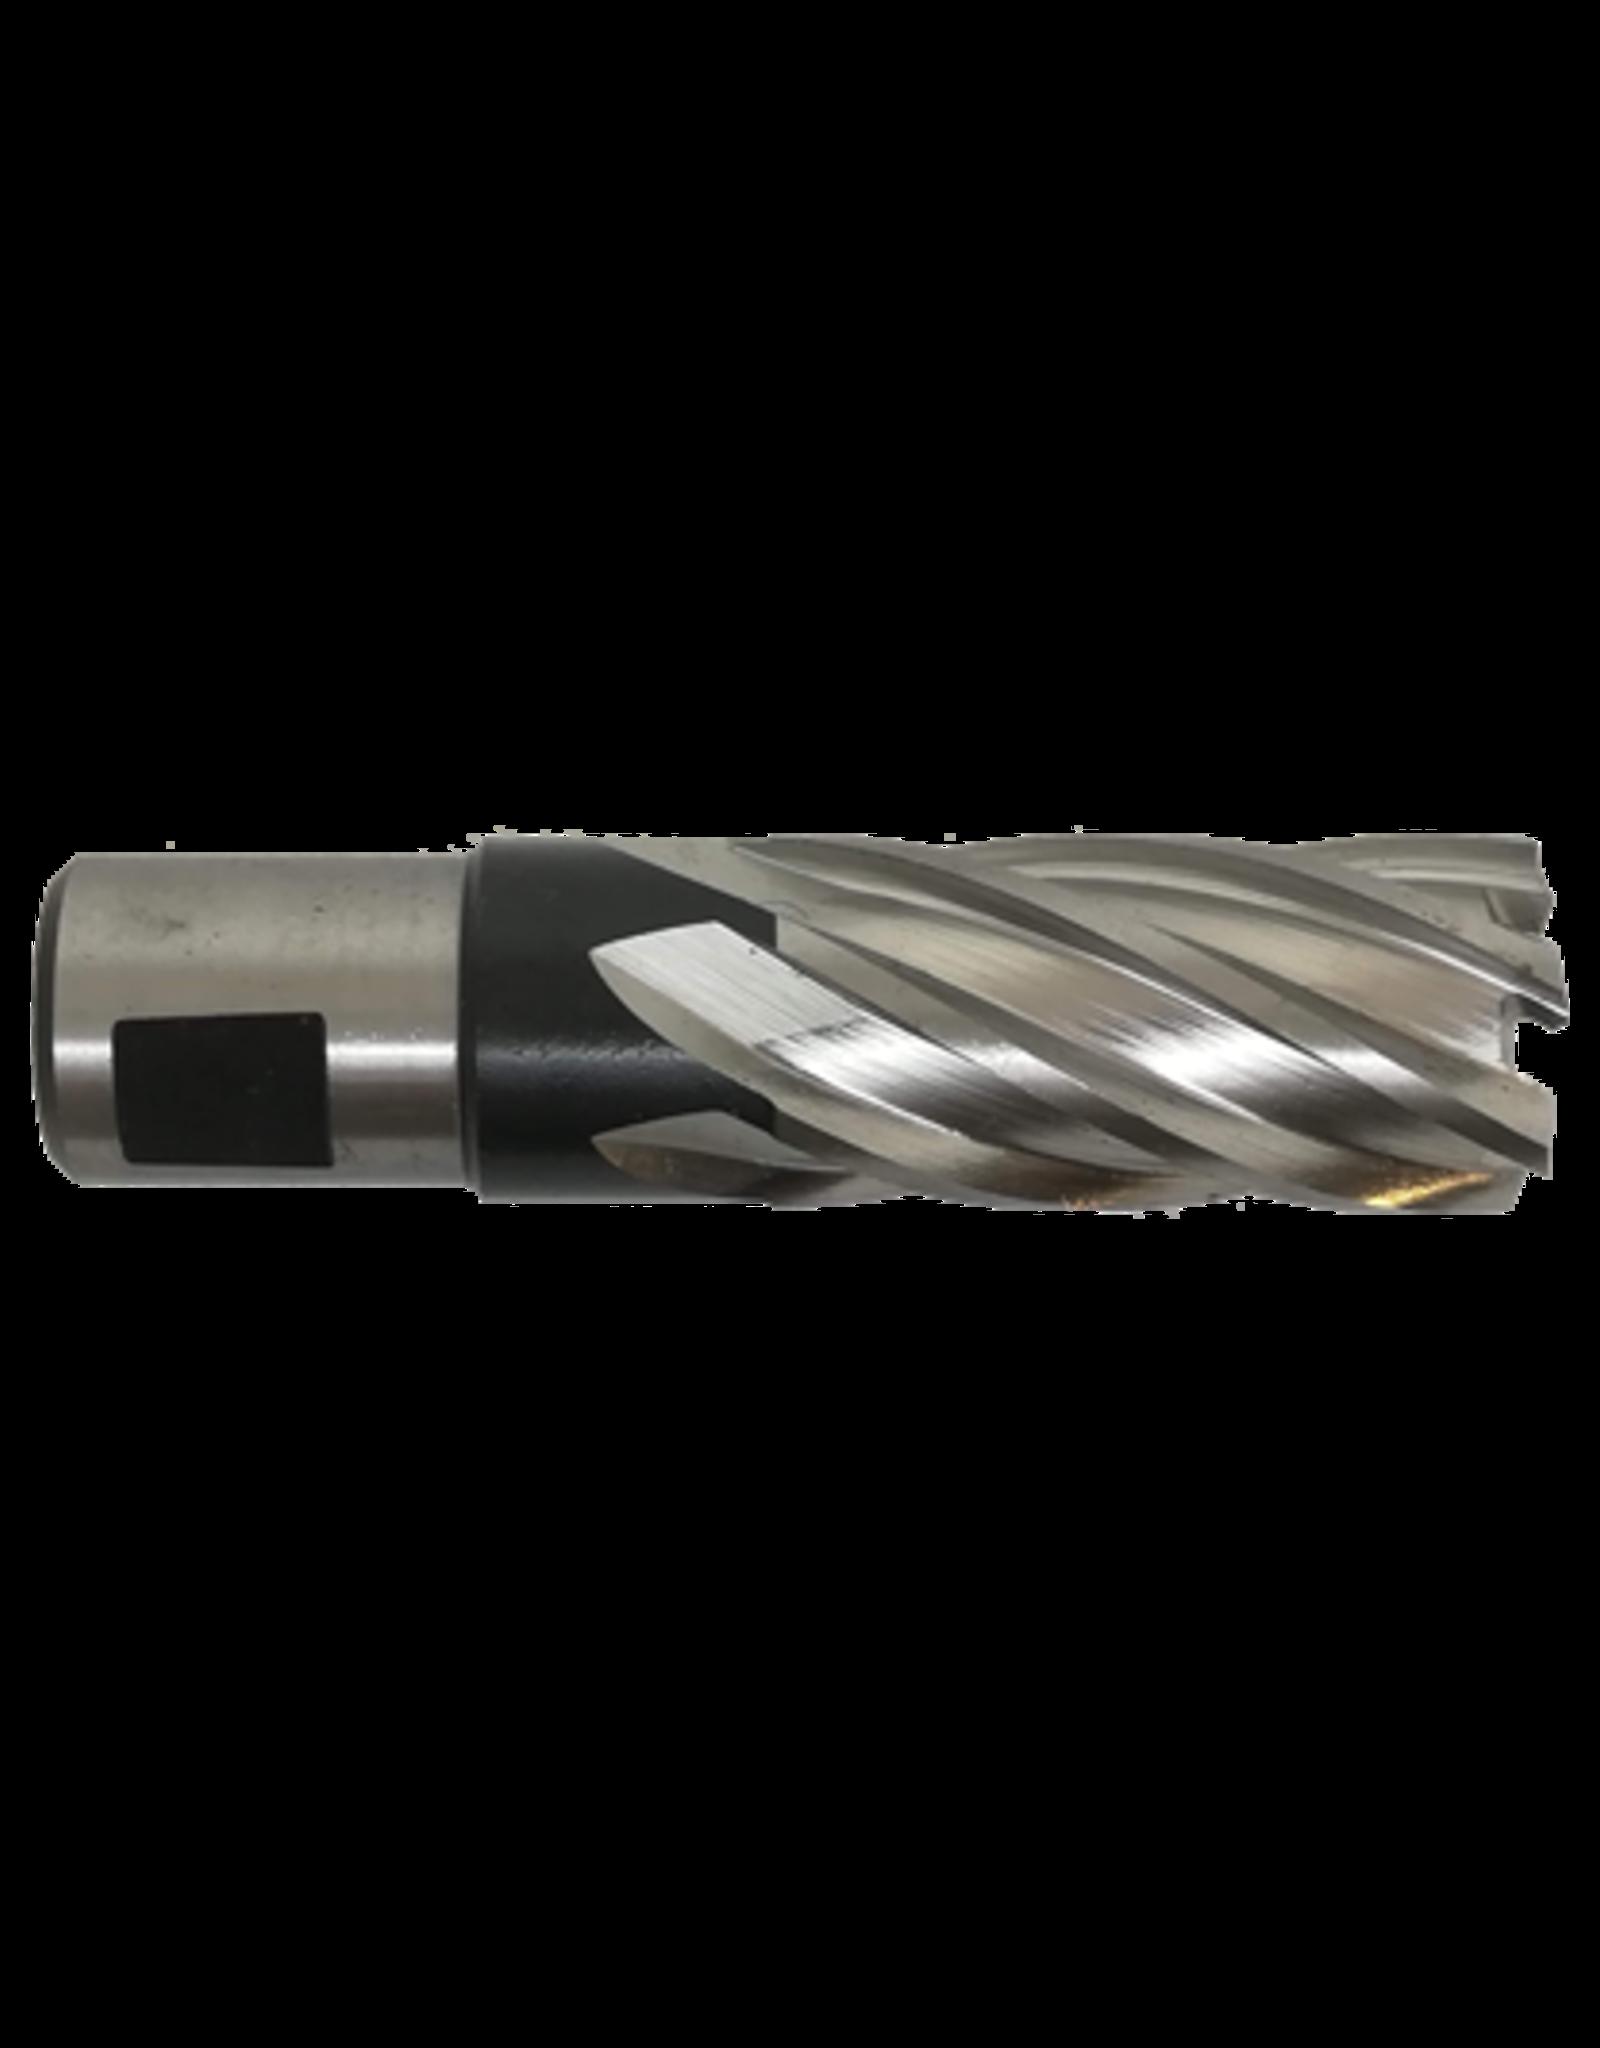 Evolution Power Tools Steel Line EVOLUTION LANGE HSS KERNFREES - 24 MM